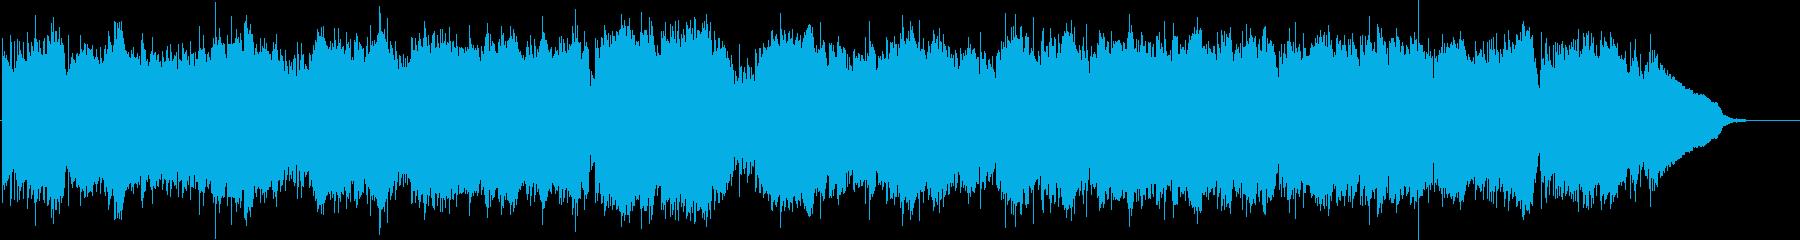 ジングル・ベル(ハンドベル・バージョン)の再生済みの波形